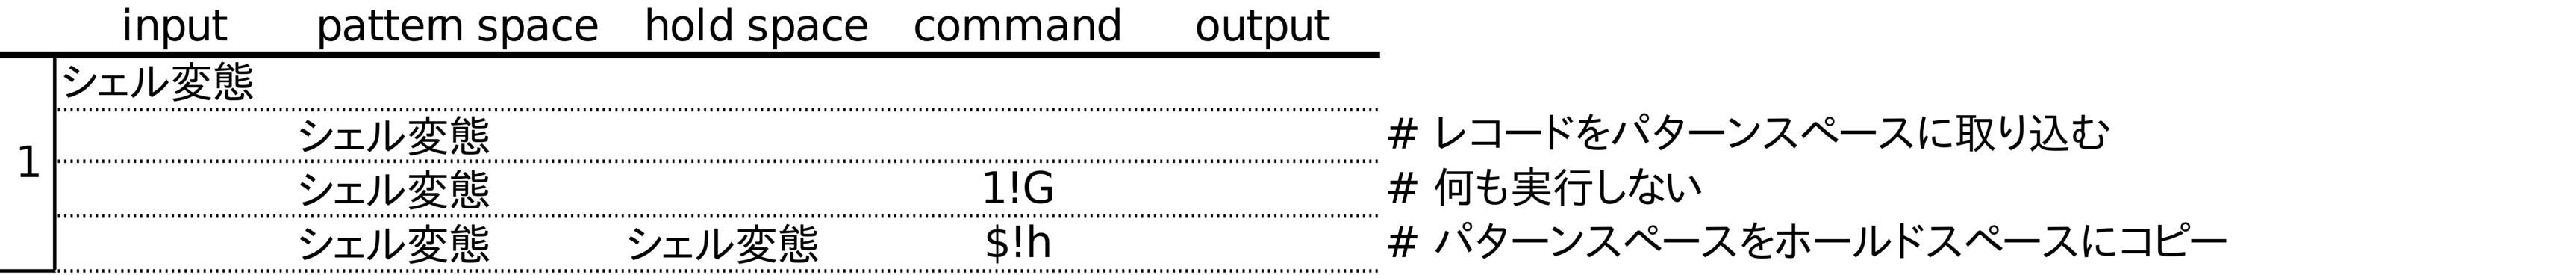 fig2-1-3.jpg